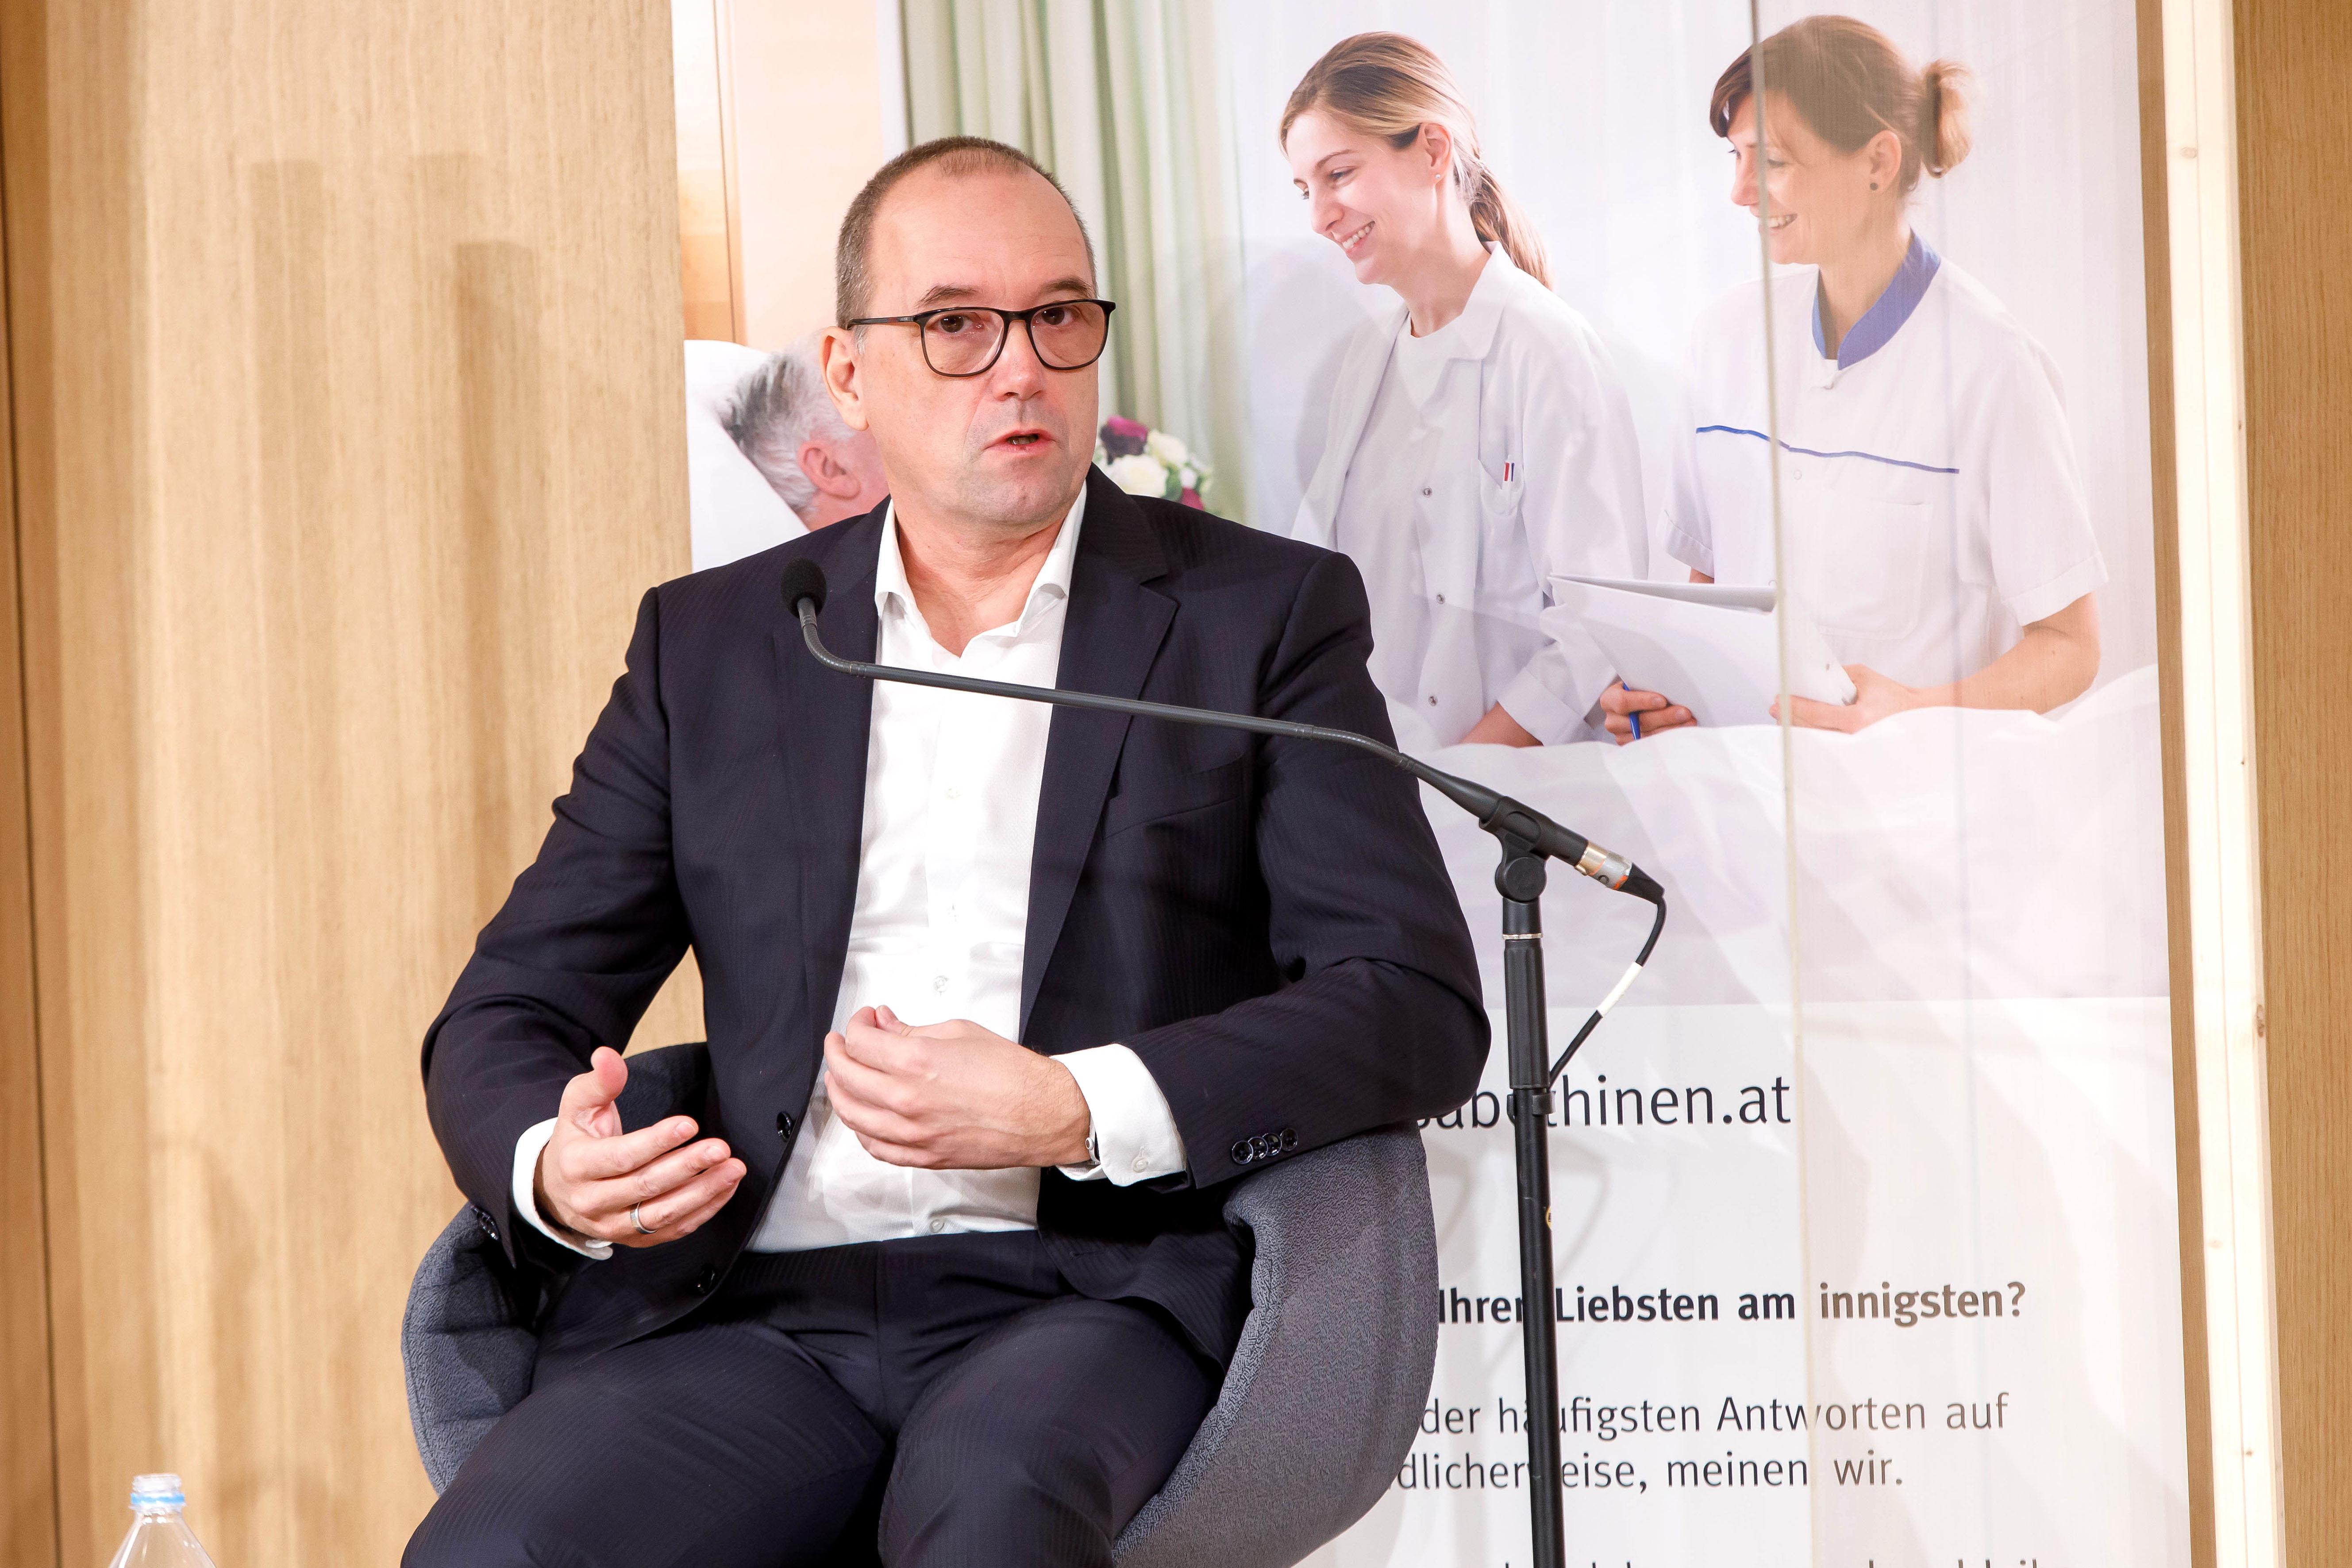 Foto 4: Mag. Oliver Rendel, Geschäftsführer elisabethinen linz- wien gmbh